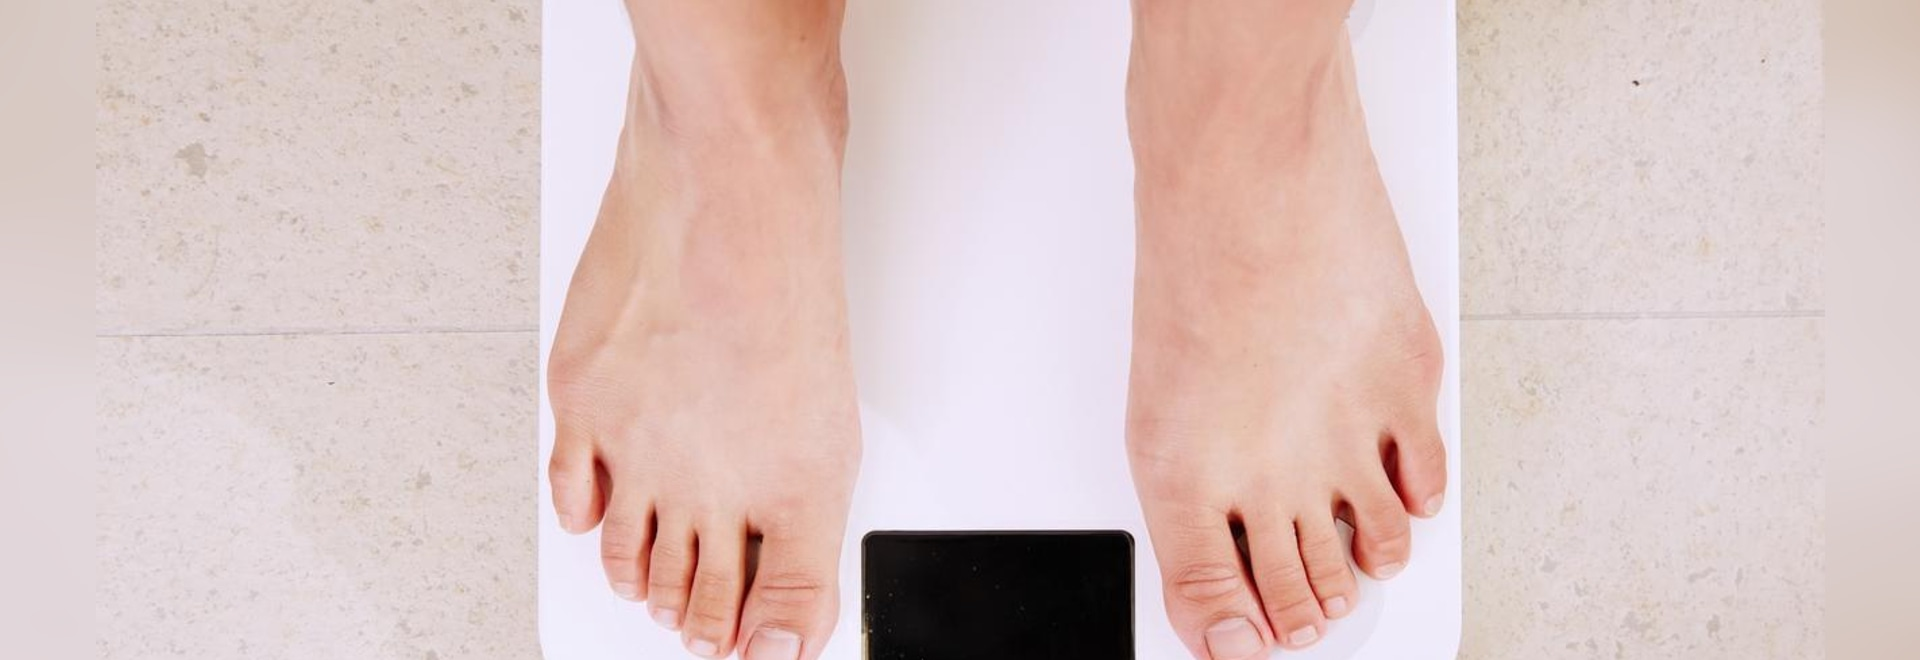 Coaching de maintien du poids basé sur le dossier médical électronique